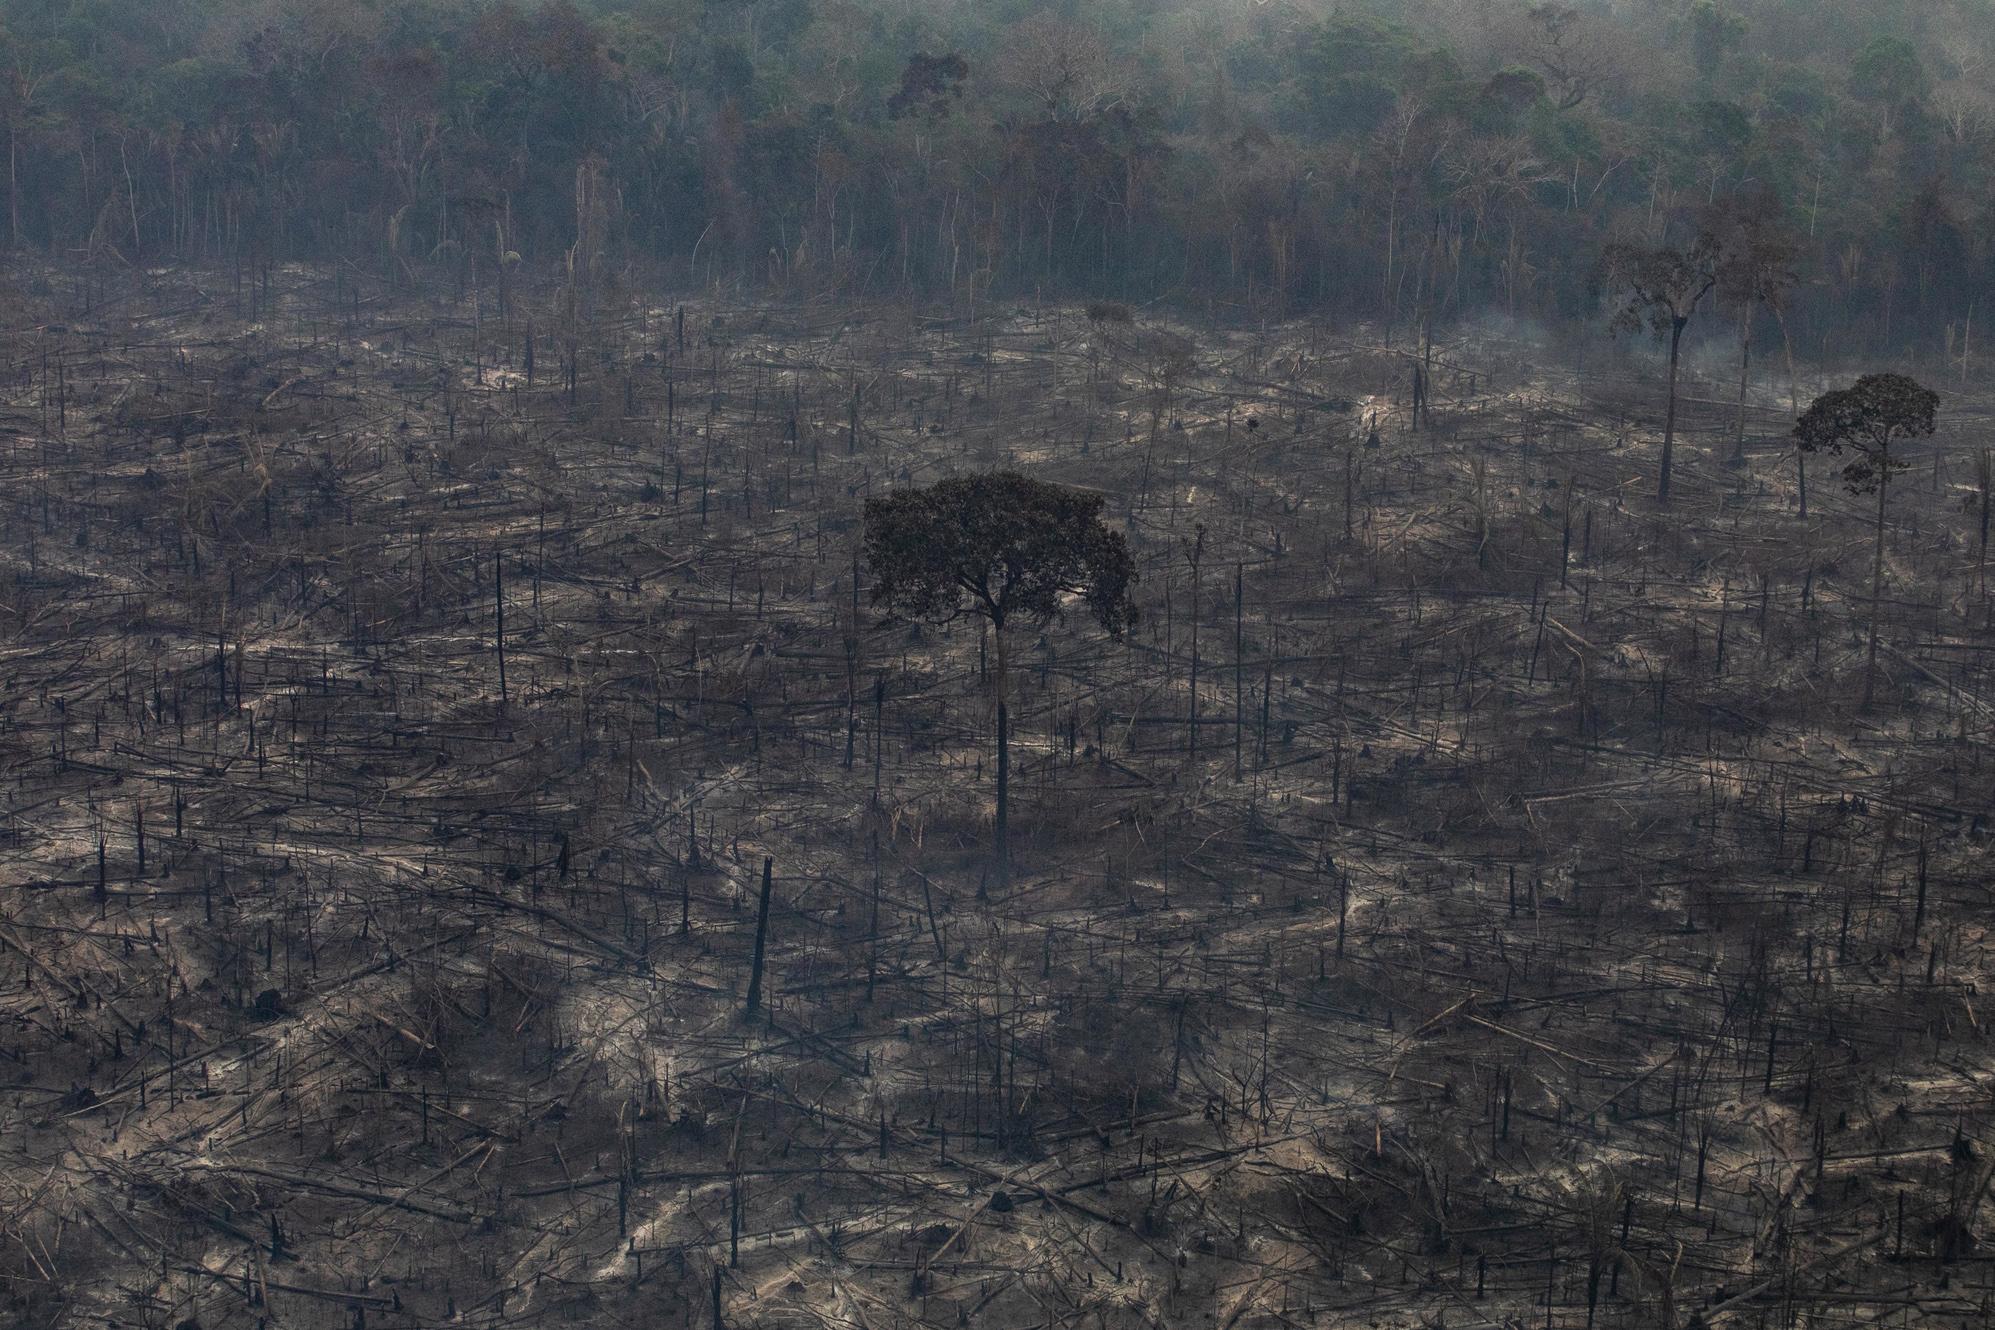 Queimadas e pandemia projetam cenário de 'desastre' na Amazônia, diz Ipam